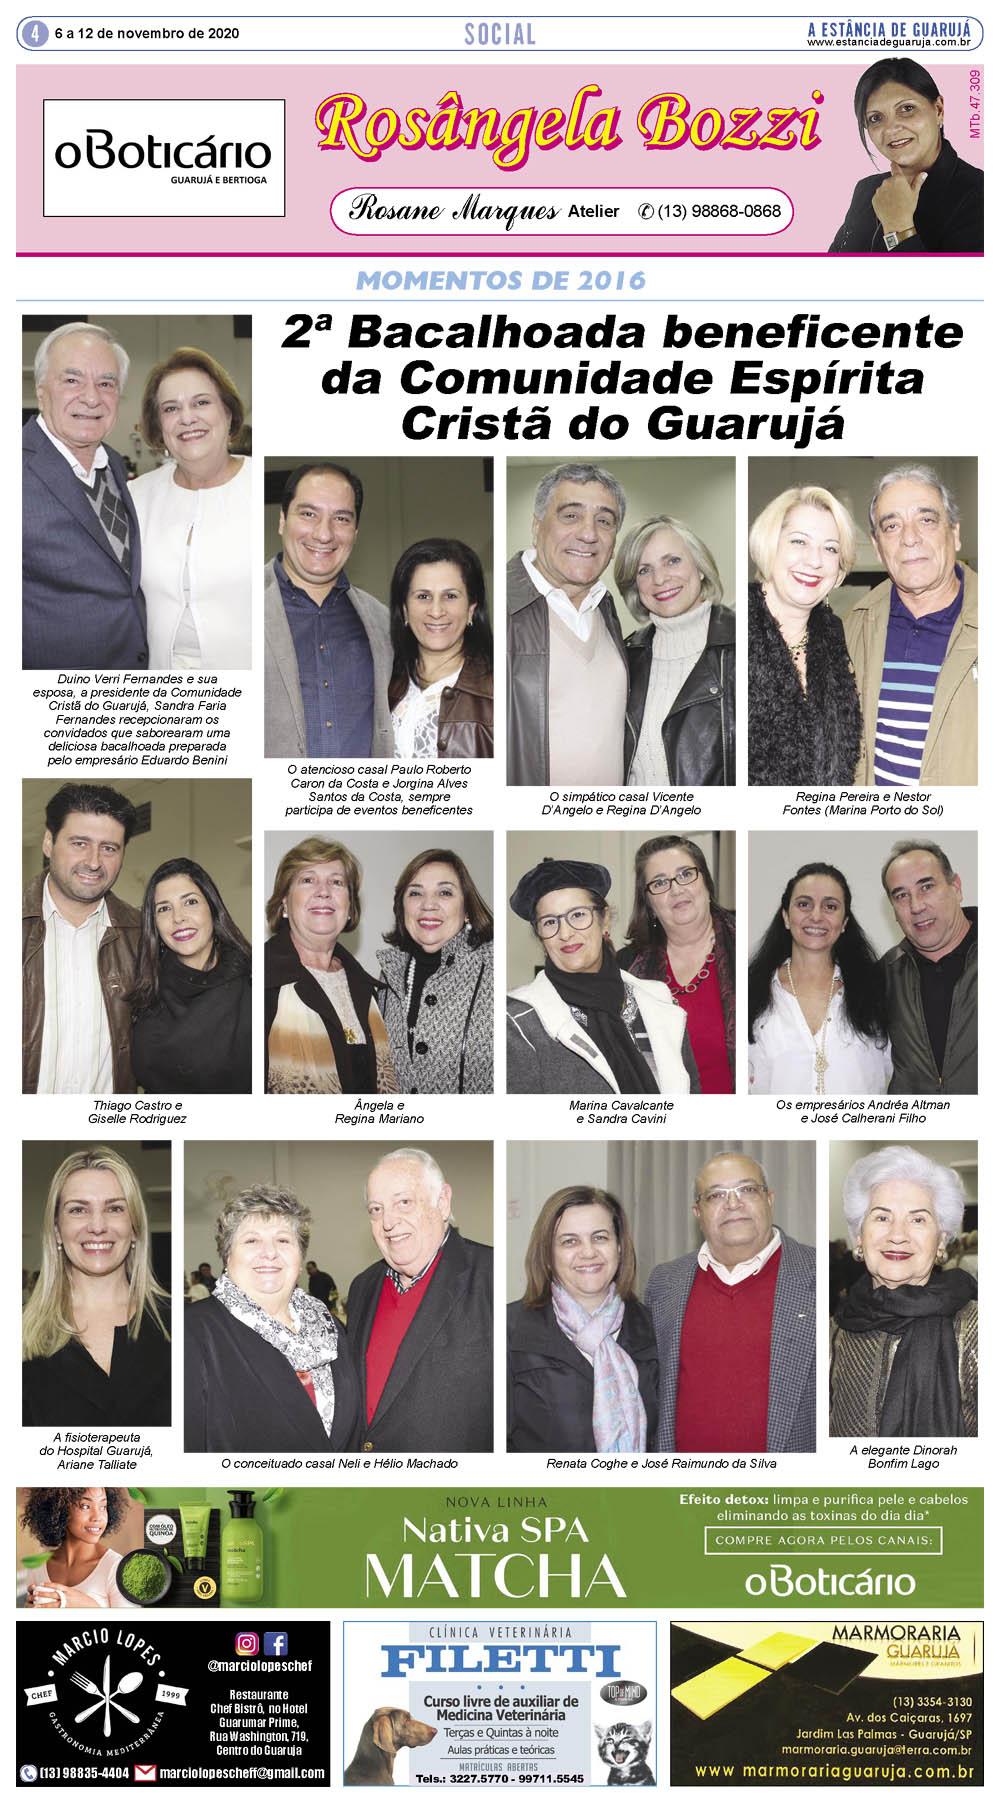 Bacalhoada beneficente da Comunidade Espírita Cristã do Guarujá